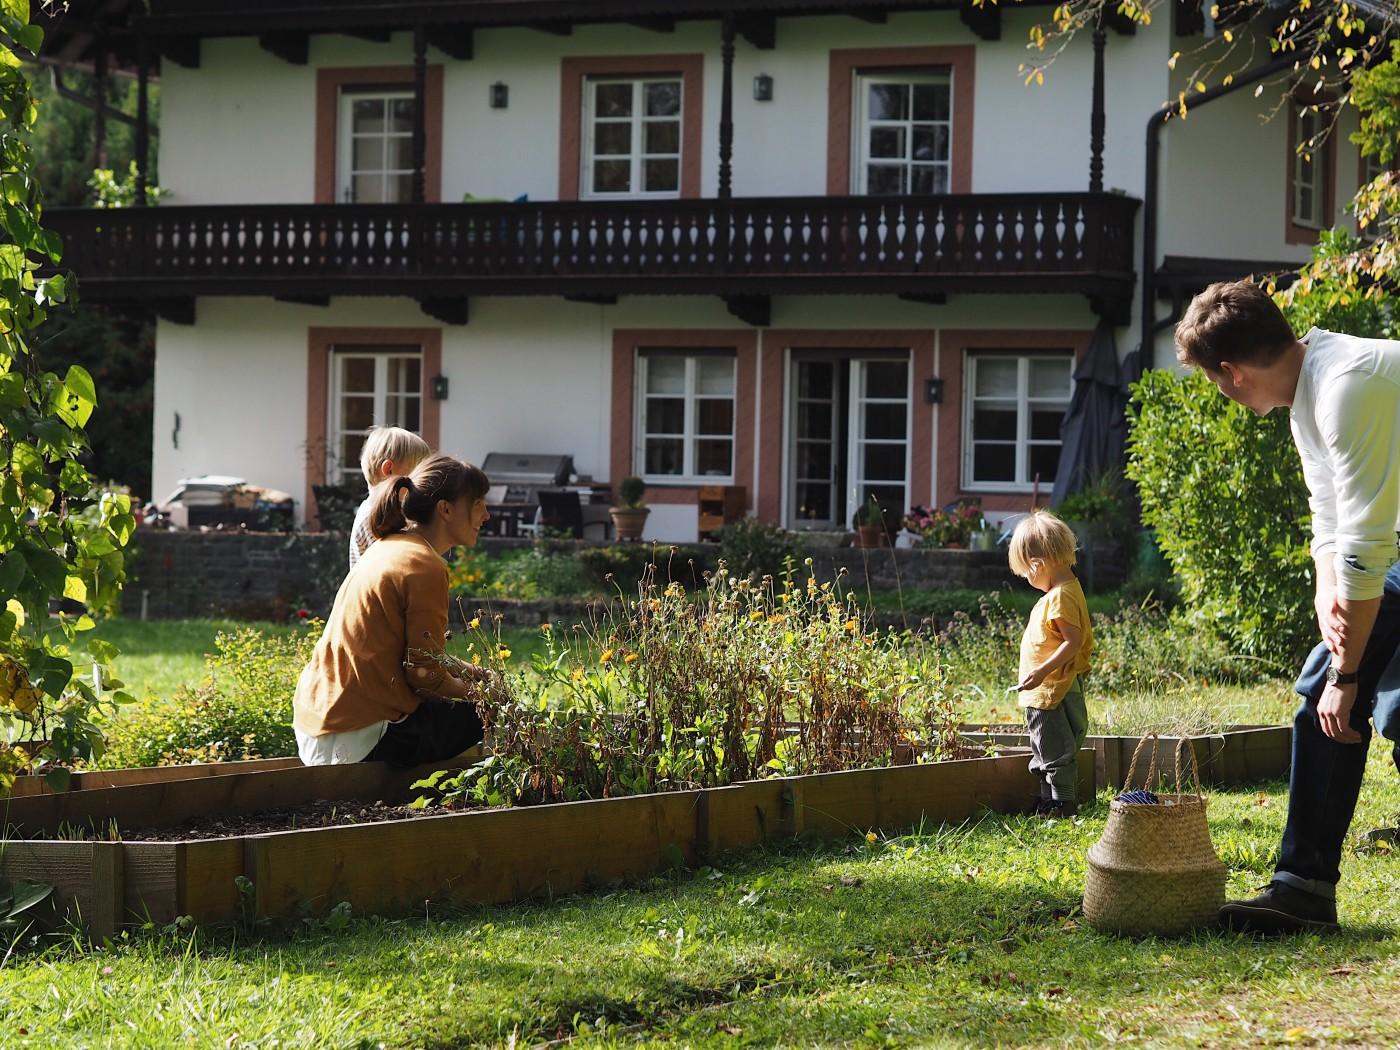 evafedeveka photography upper bavaria family portrait